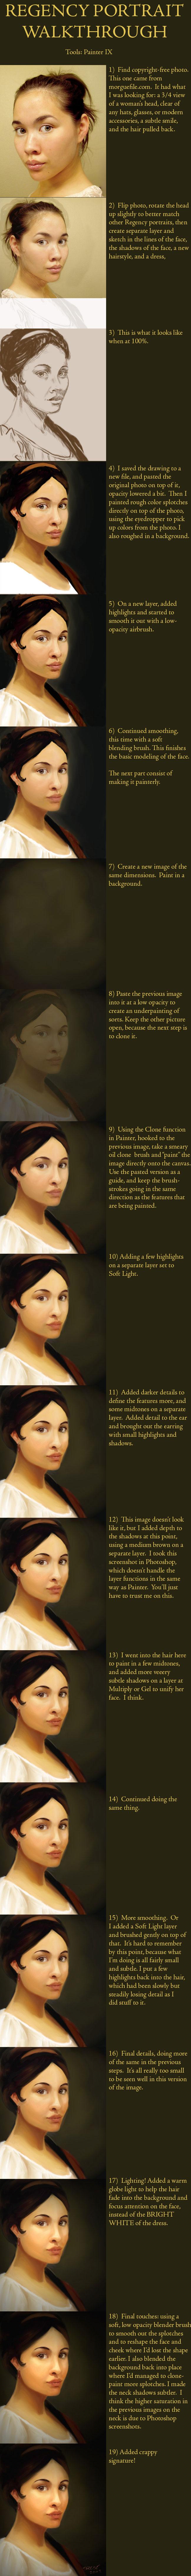 Regency Portrait Walkthrough by telophase